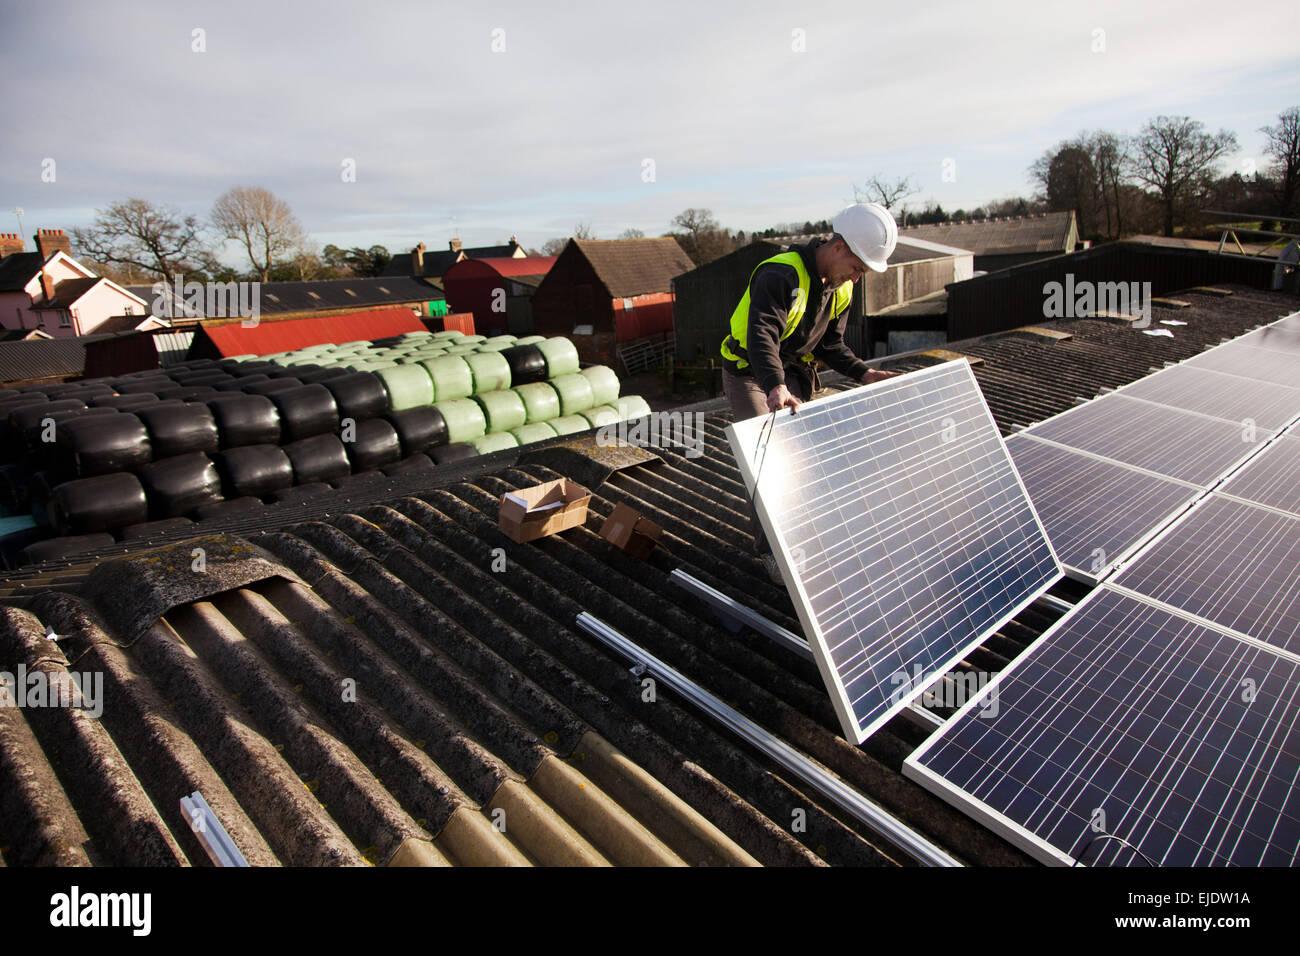 Jake Beautyman installe des panneaux solaires sur un toit de Grange Grange Farm, près de Balcombe. L'installation Photo Stock